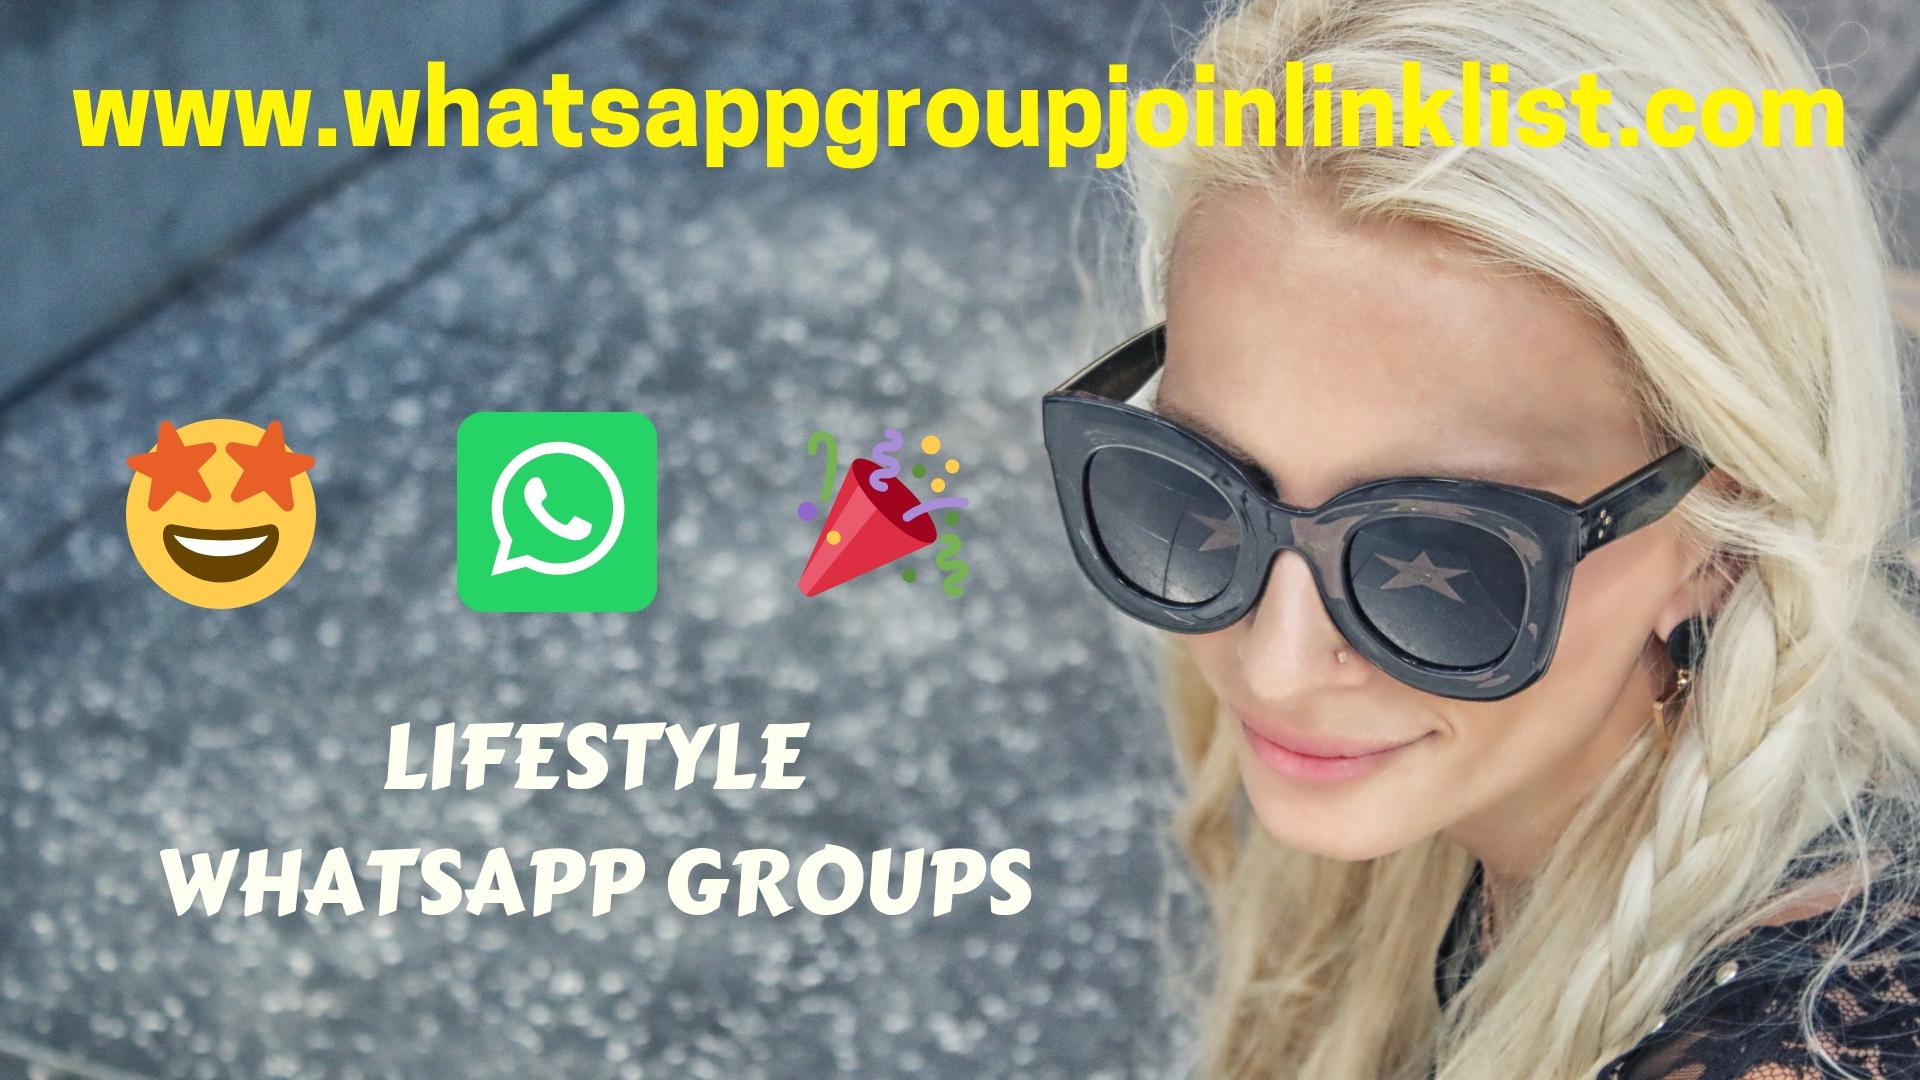 3819039887?profile=original